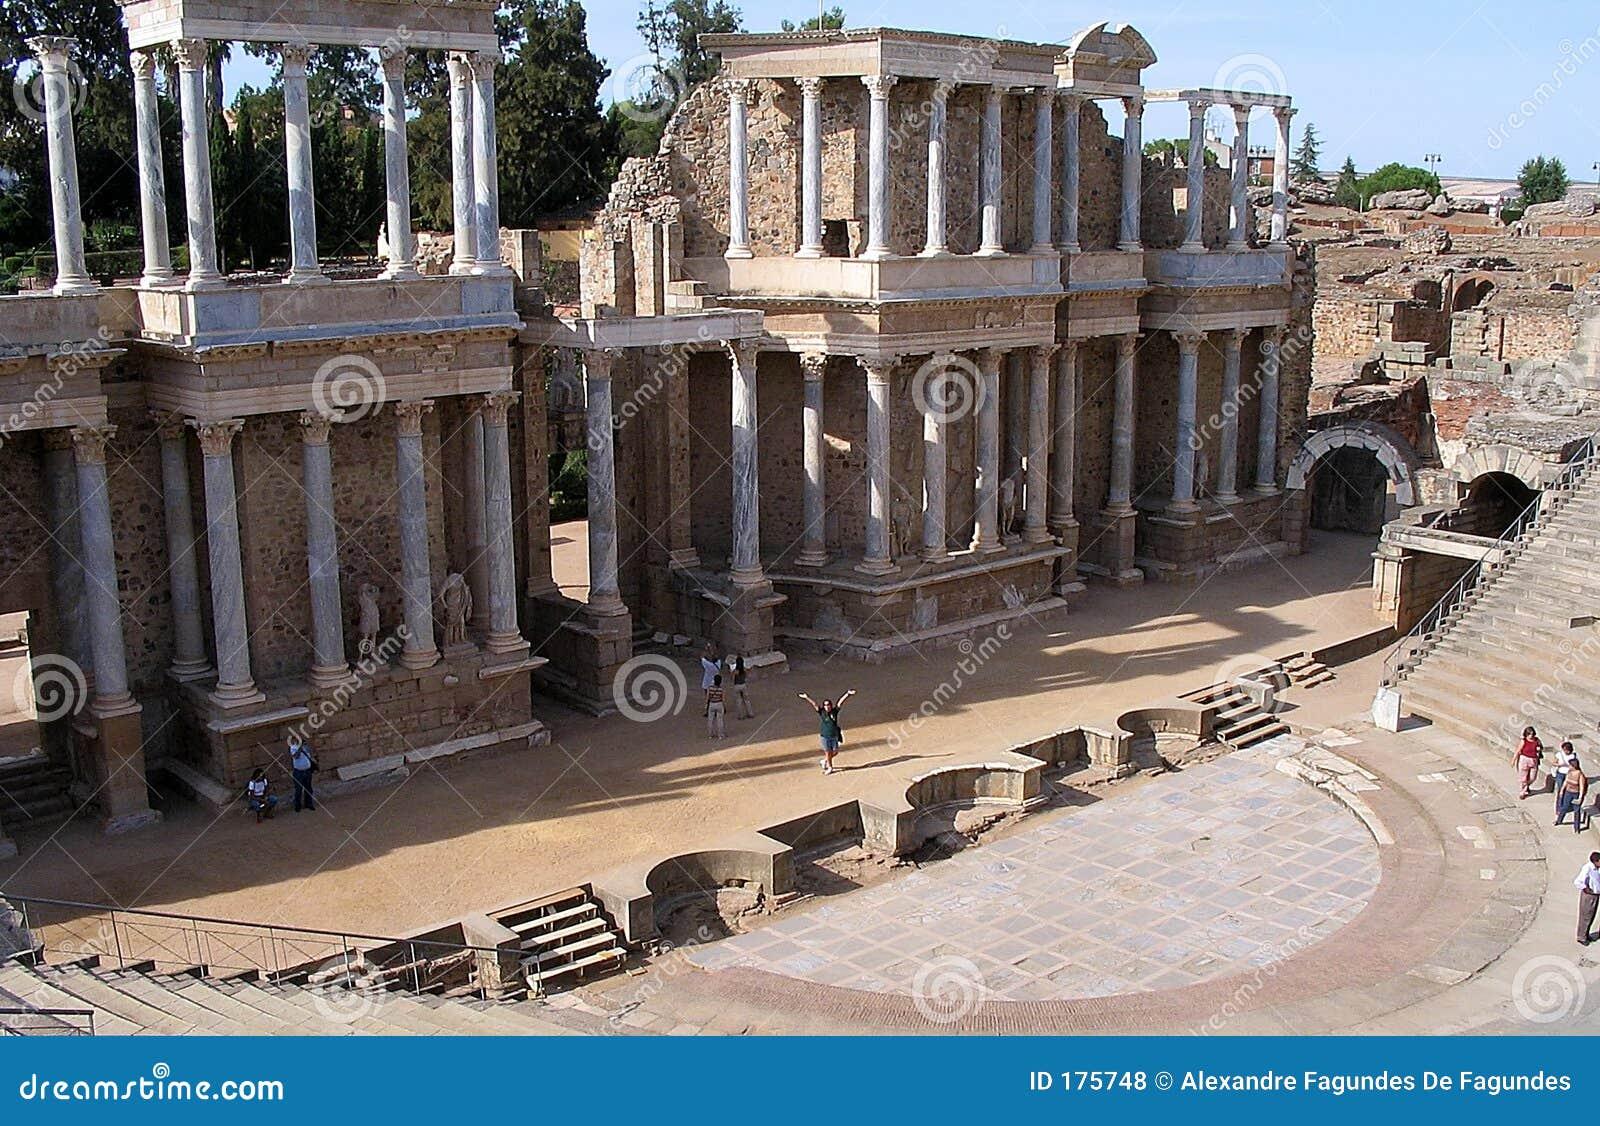 梅里达罗马剧院